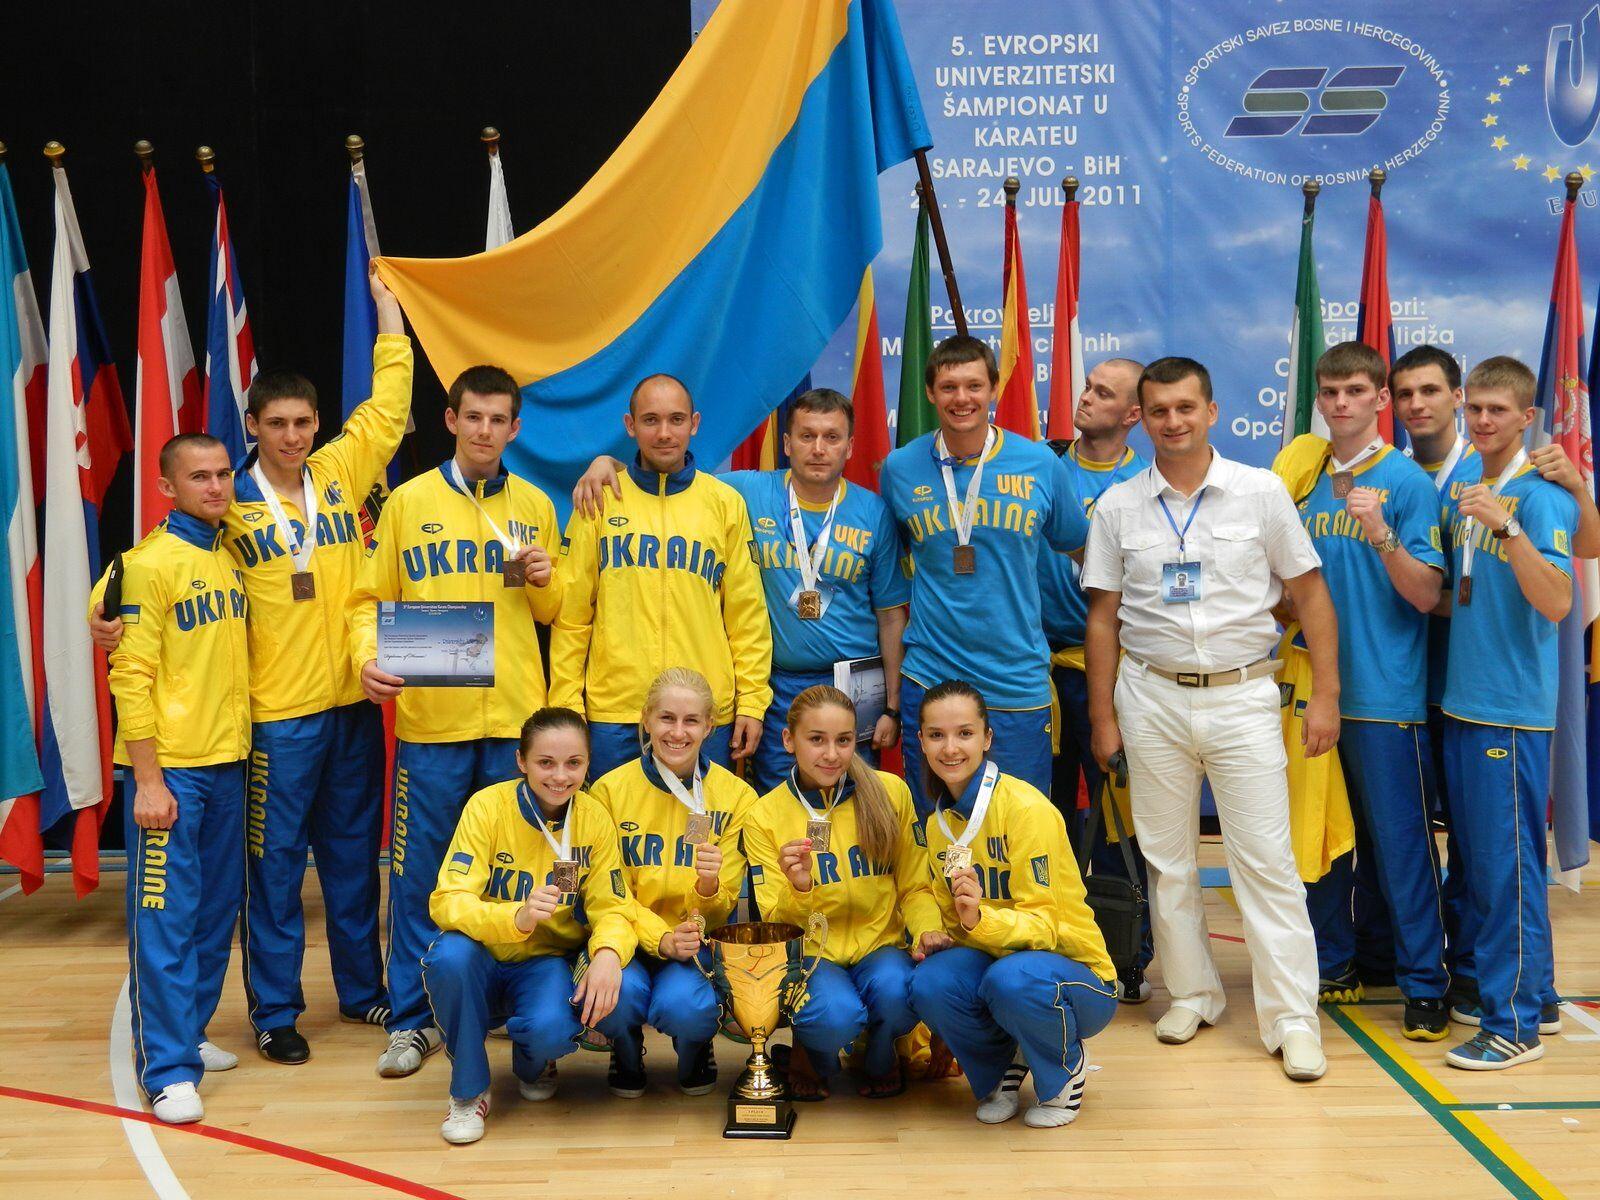 Каратэ: золотой старт Украины в Европе